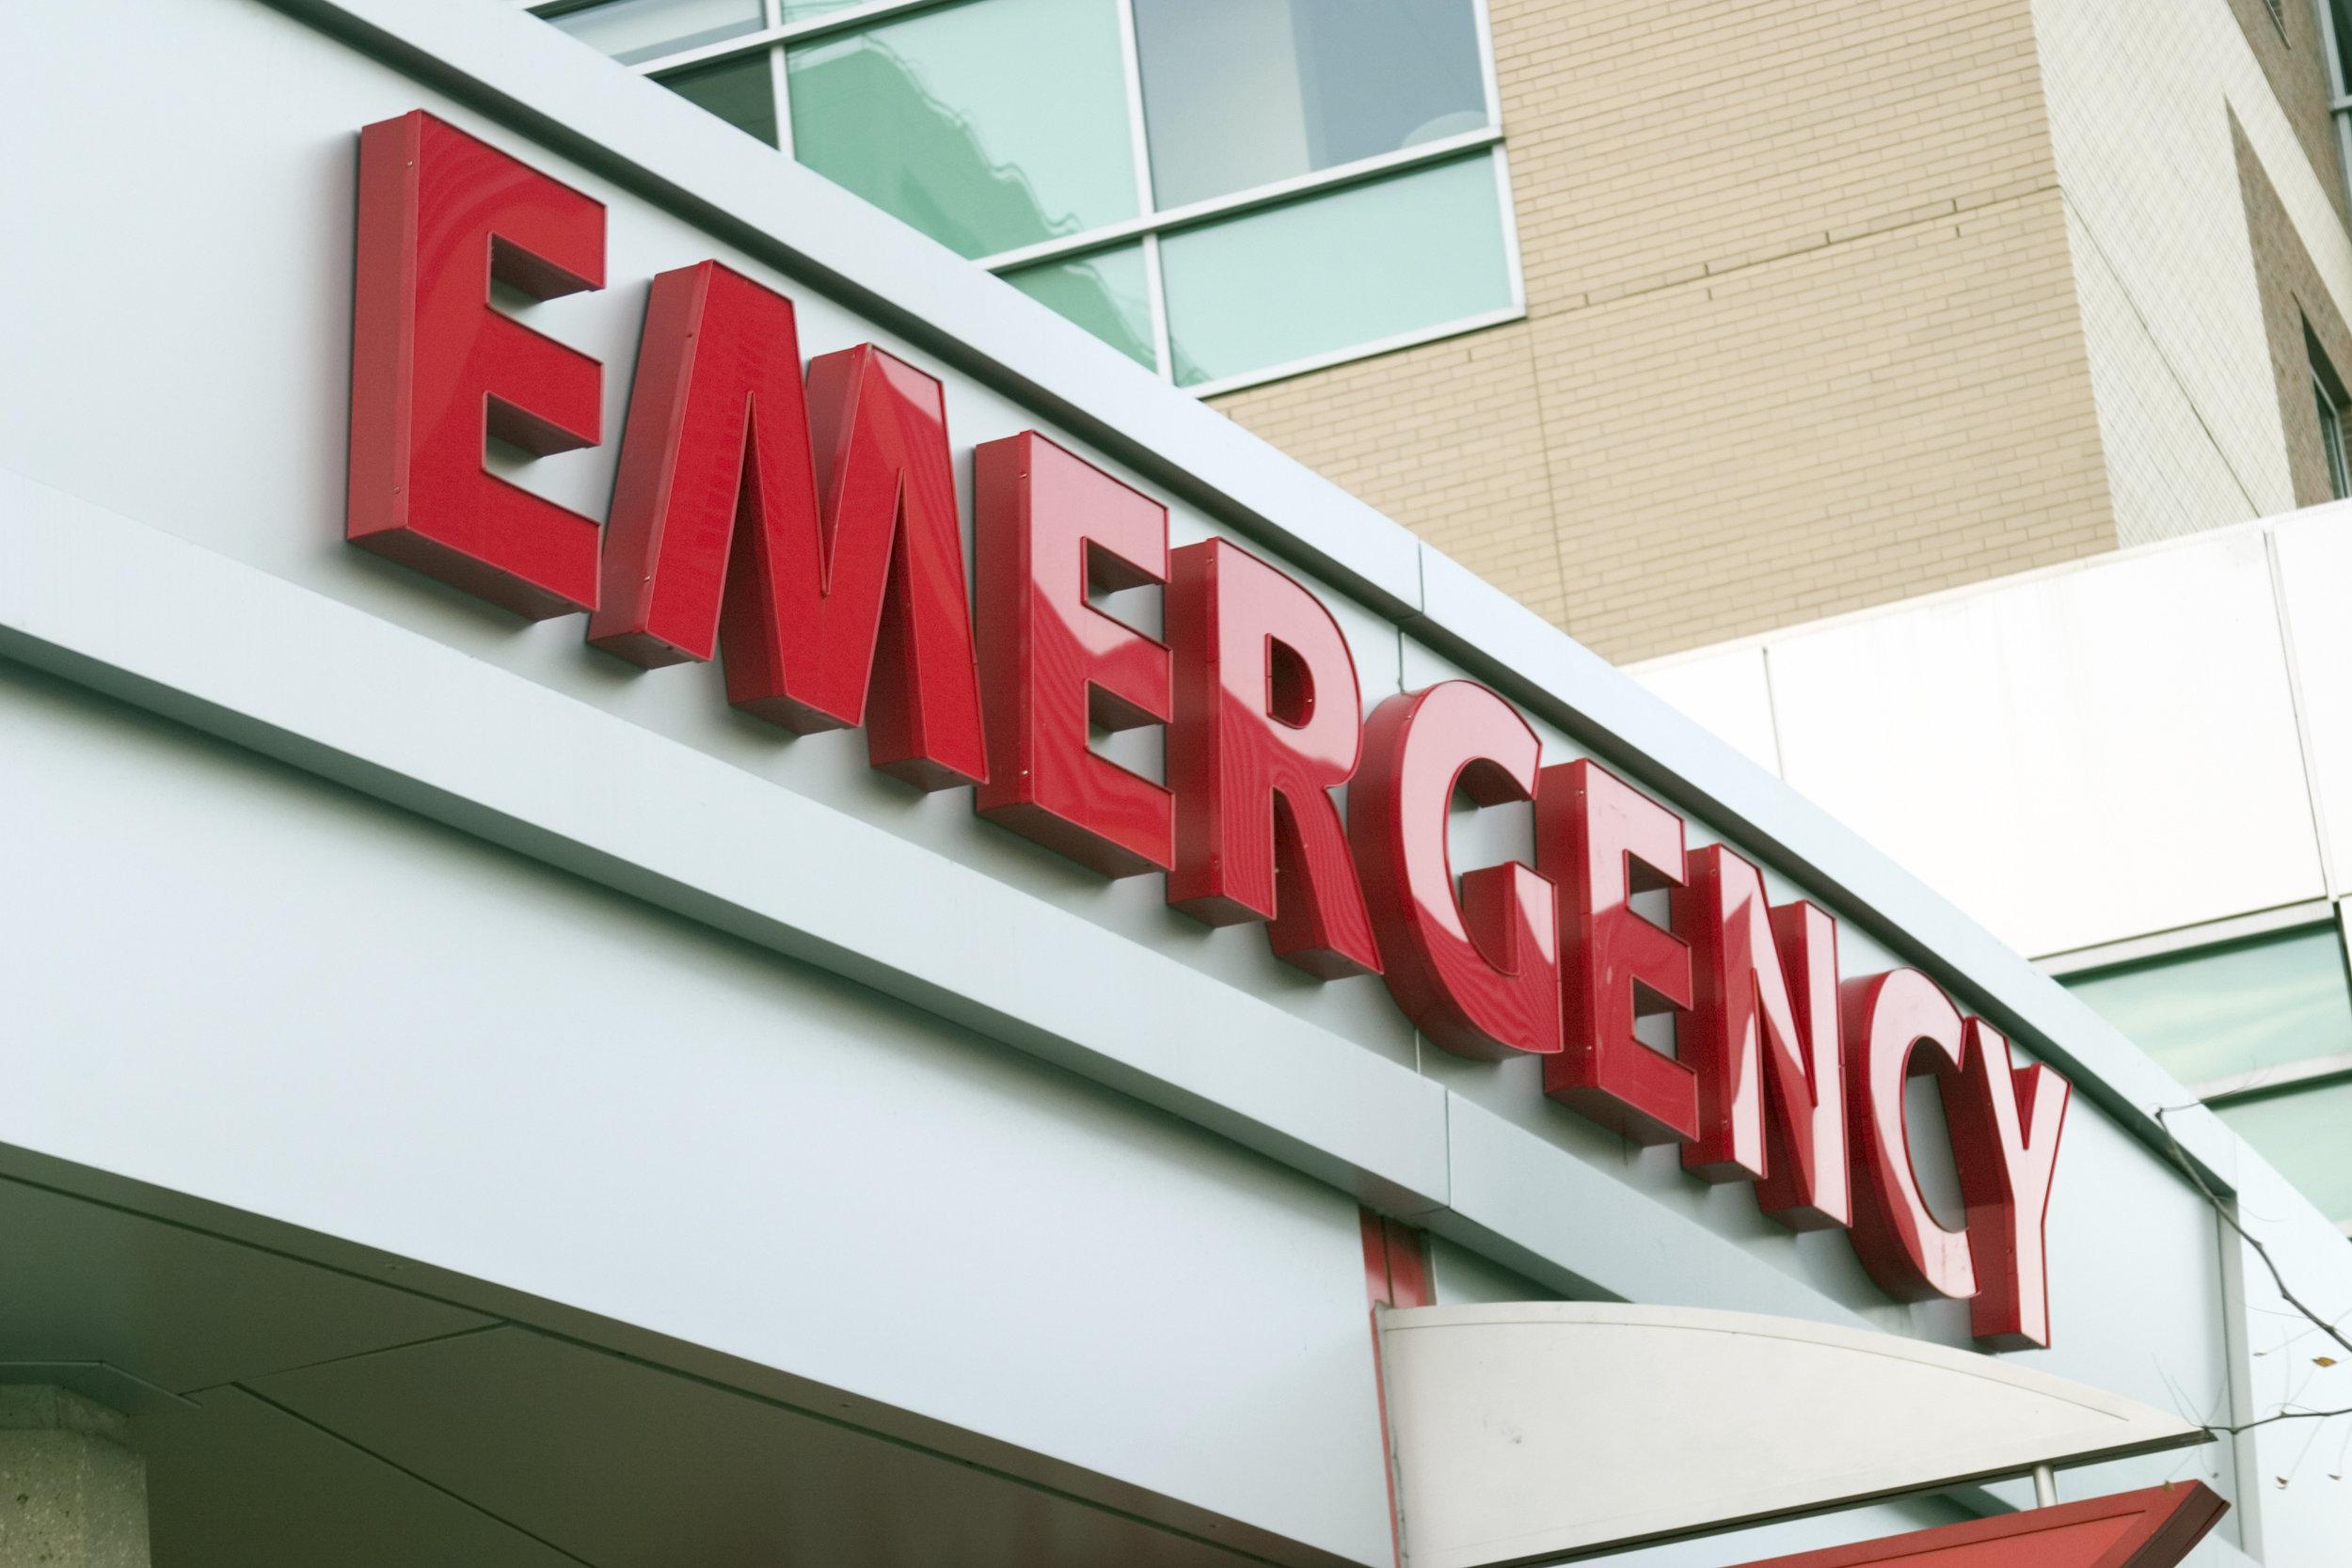 ER-Sign.jpg